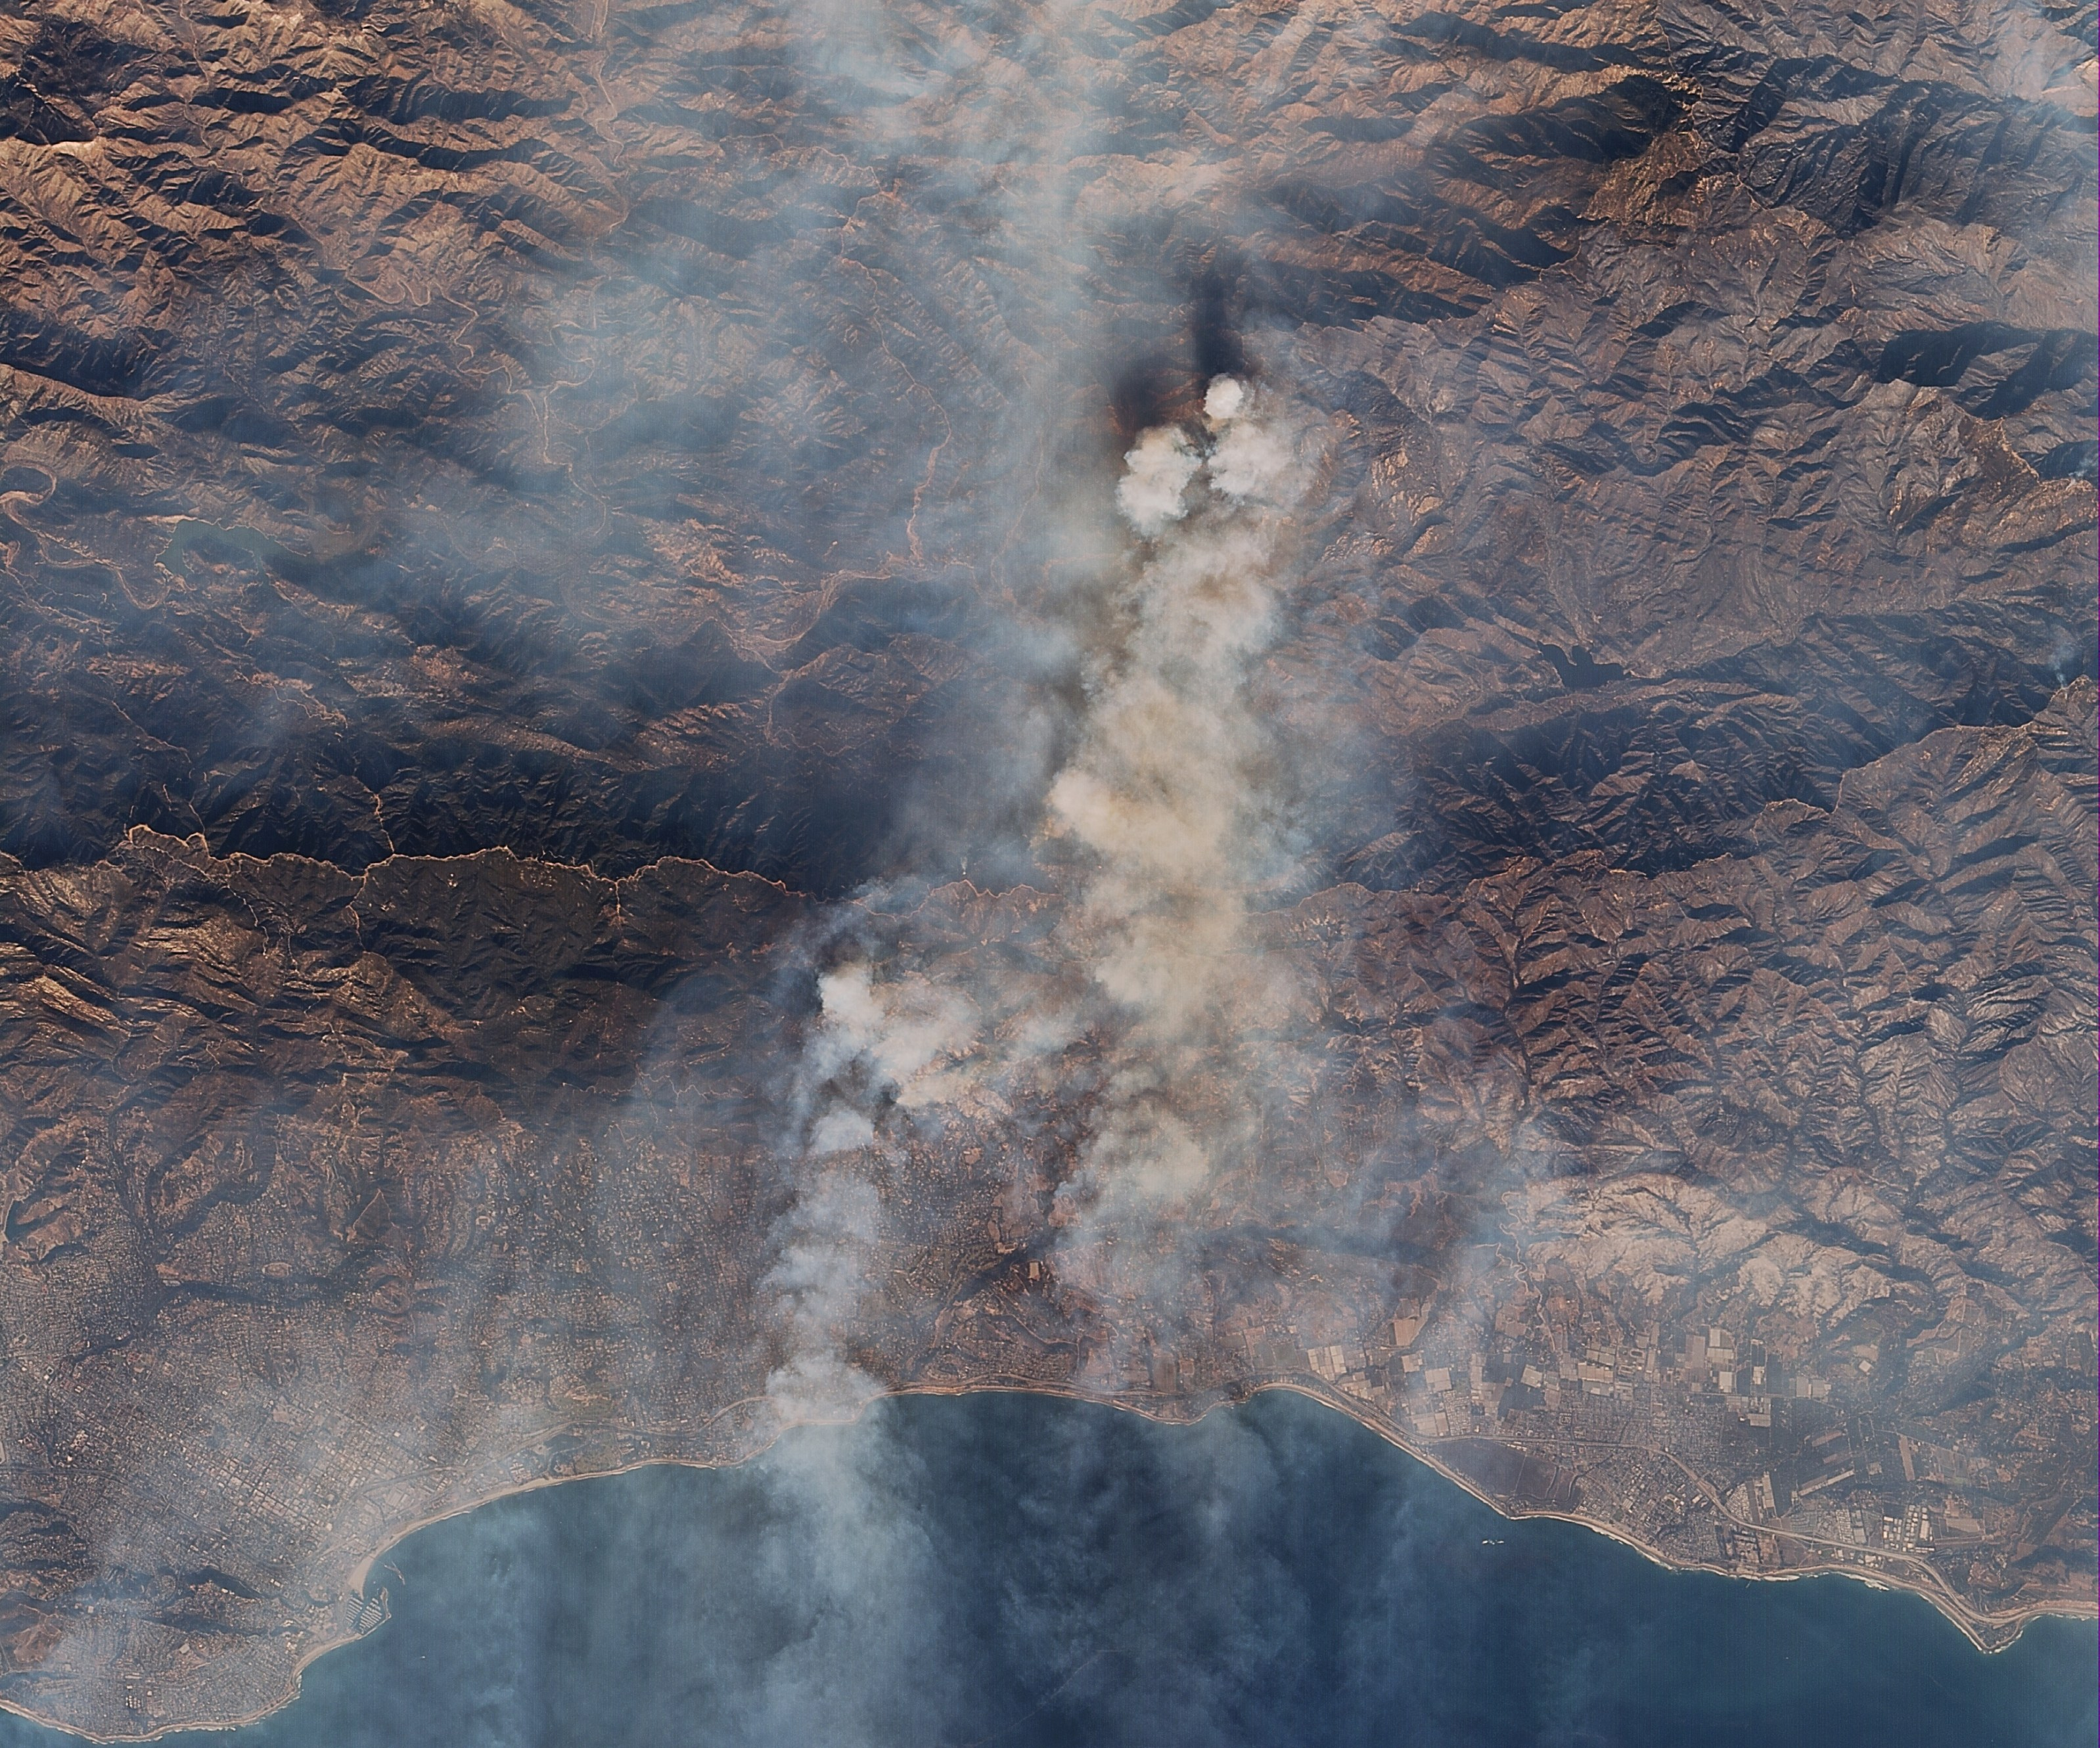 Kaliforniya Yangını 13 Aralık 2017